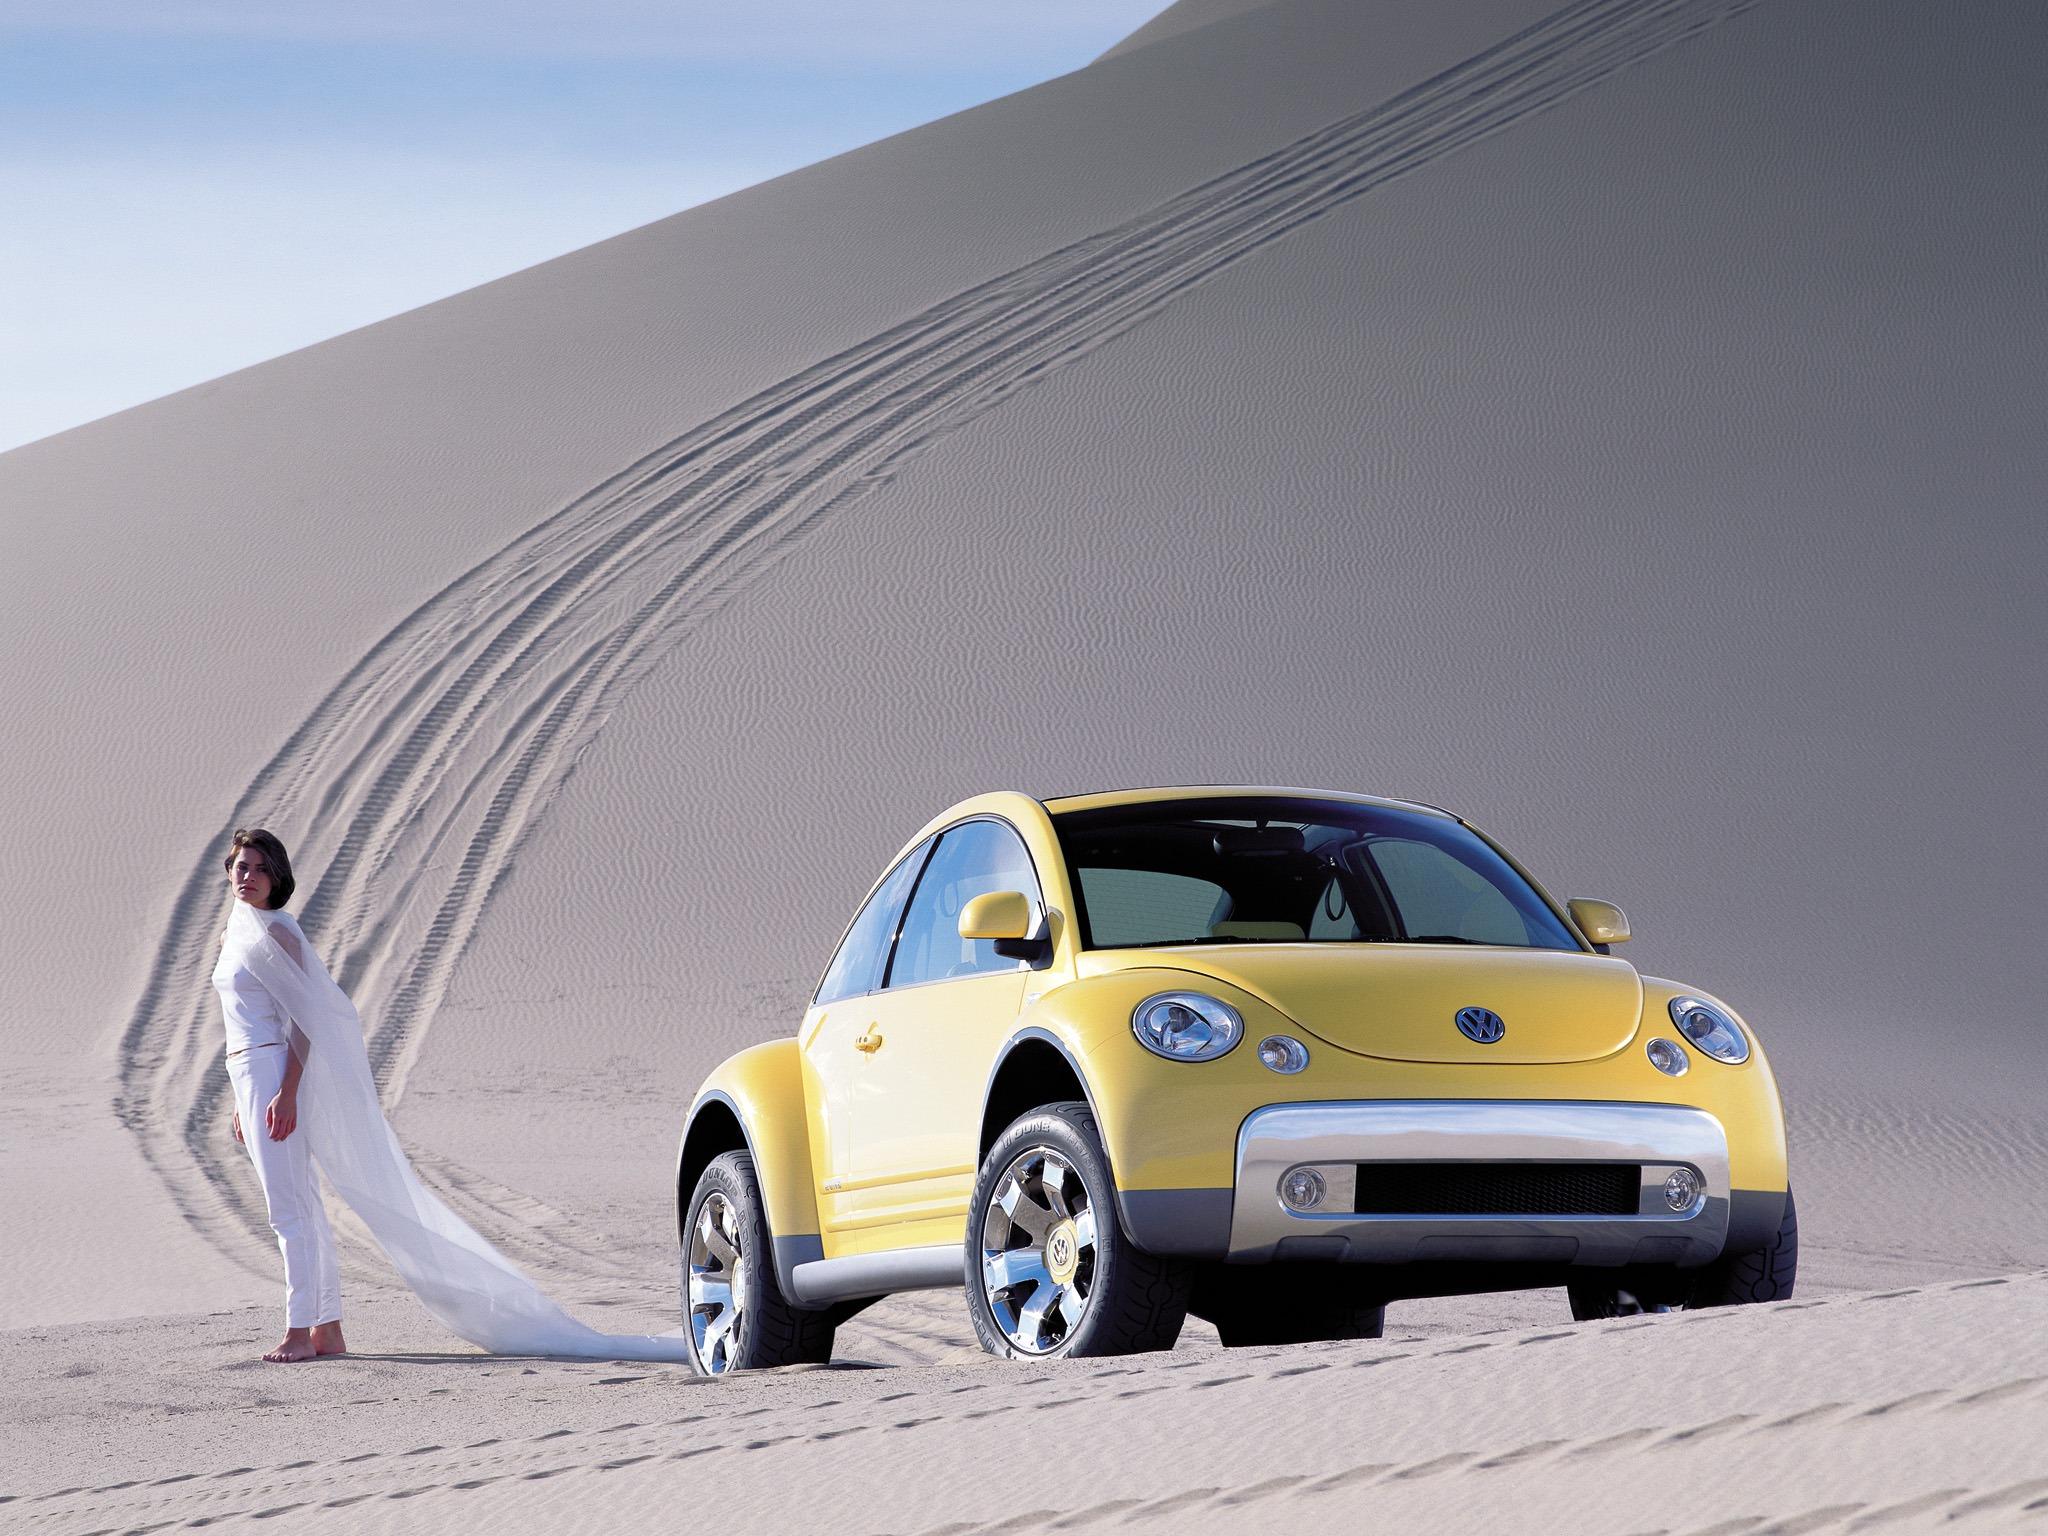 Subaru Dealer Near Me >> Volkswagen New Beetle Dune Concept - Old Concept Cars